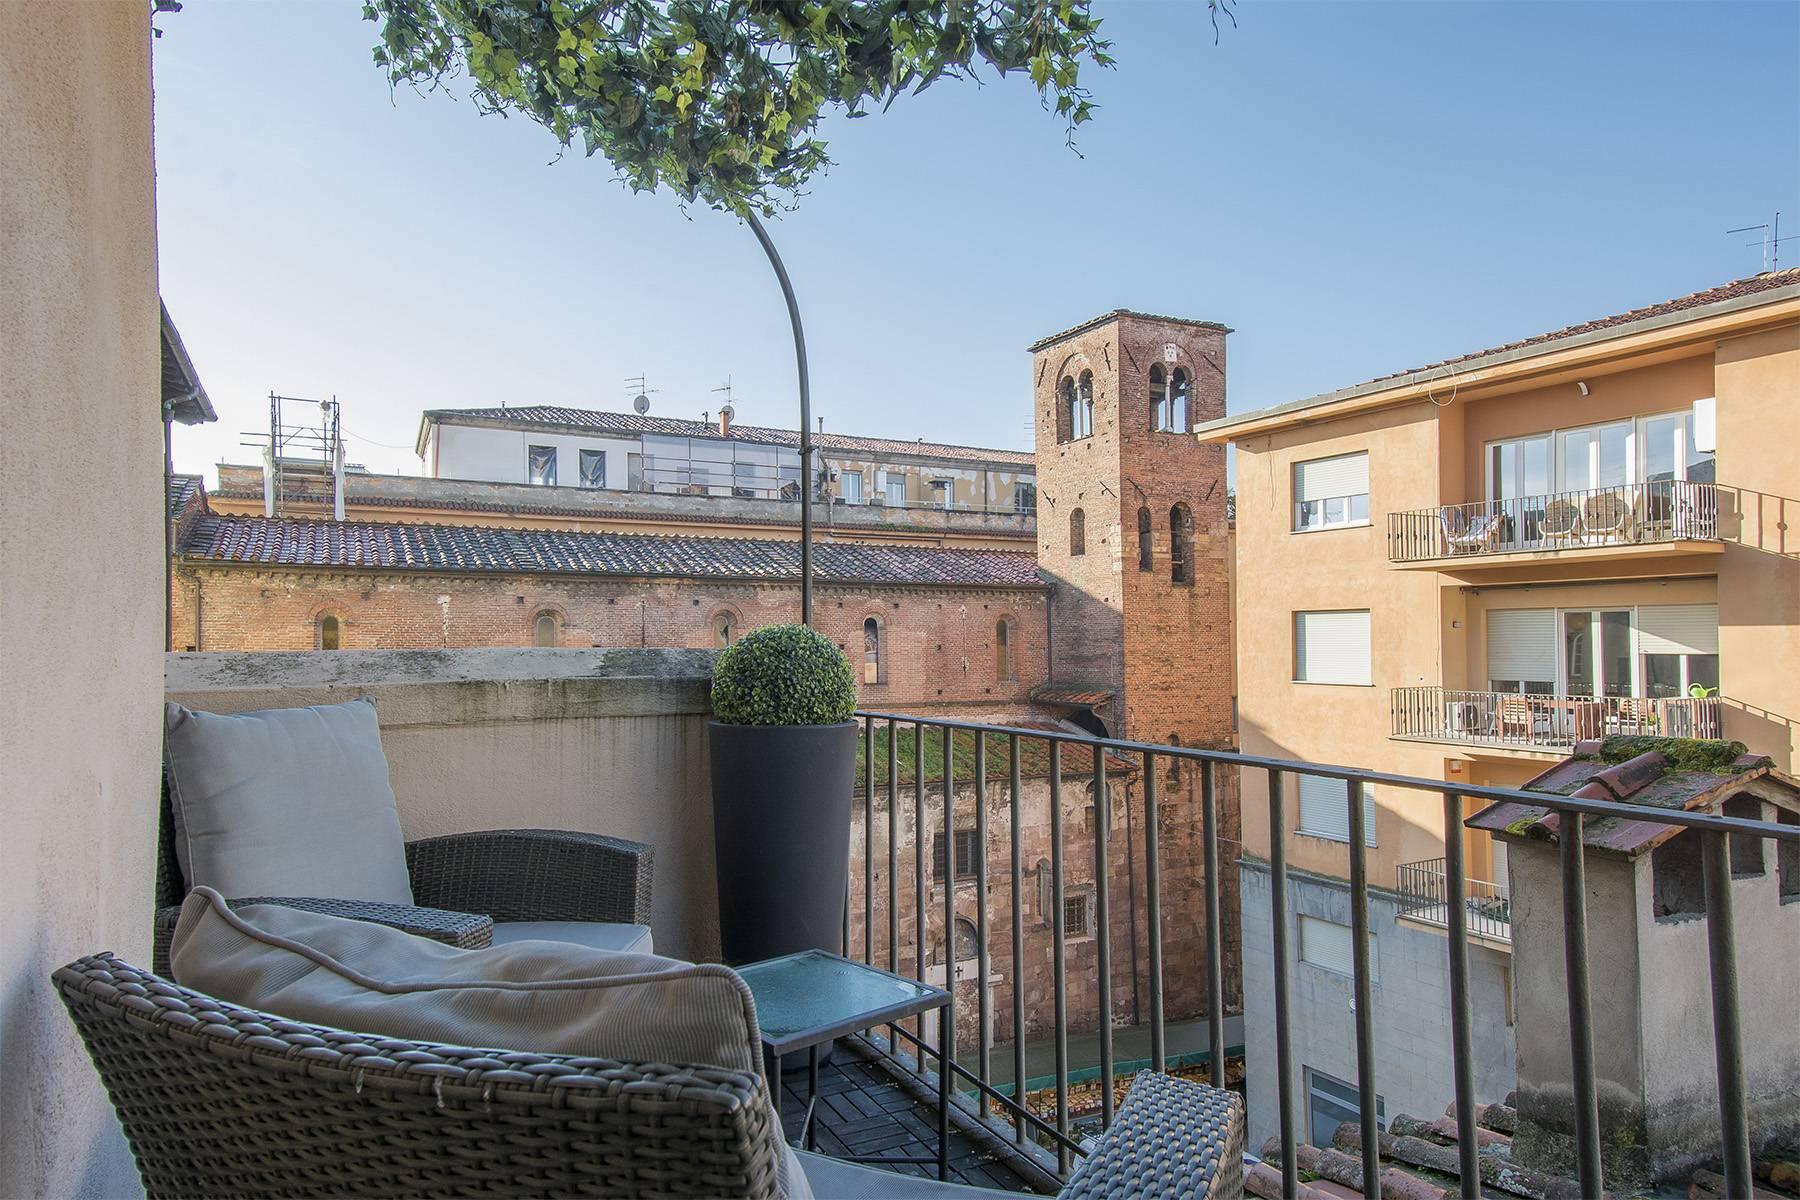 Appartamento in Vendita a Lucca: 5 locali, 200 mq - Foto 10